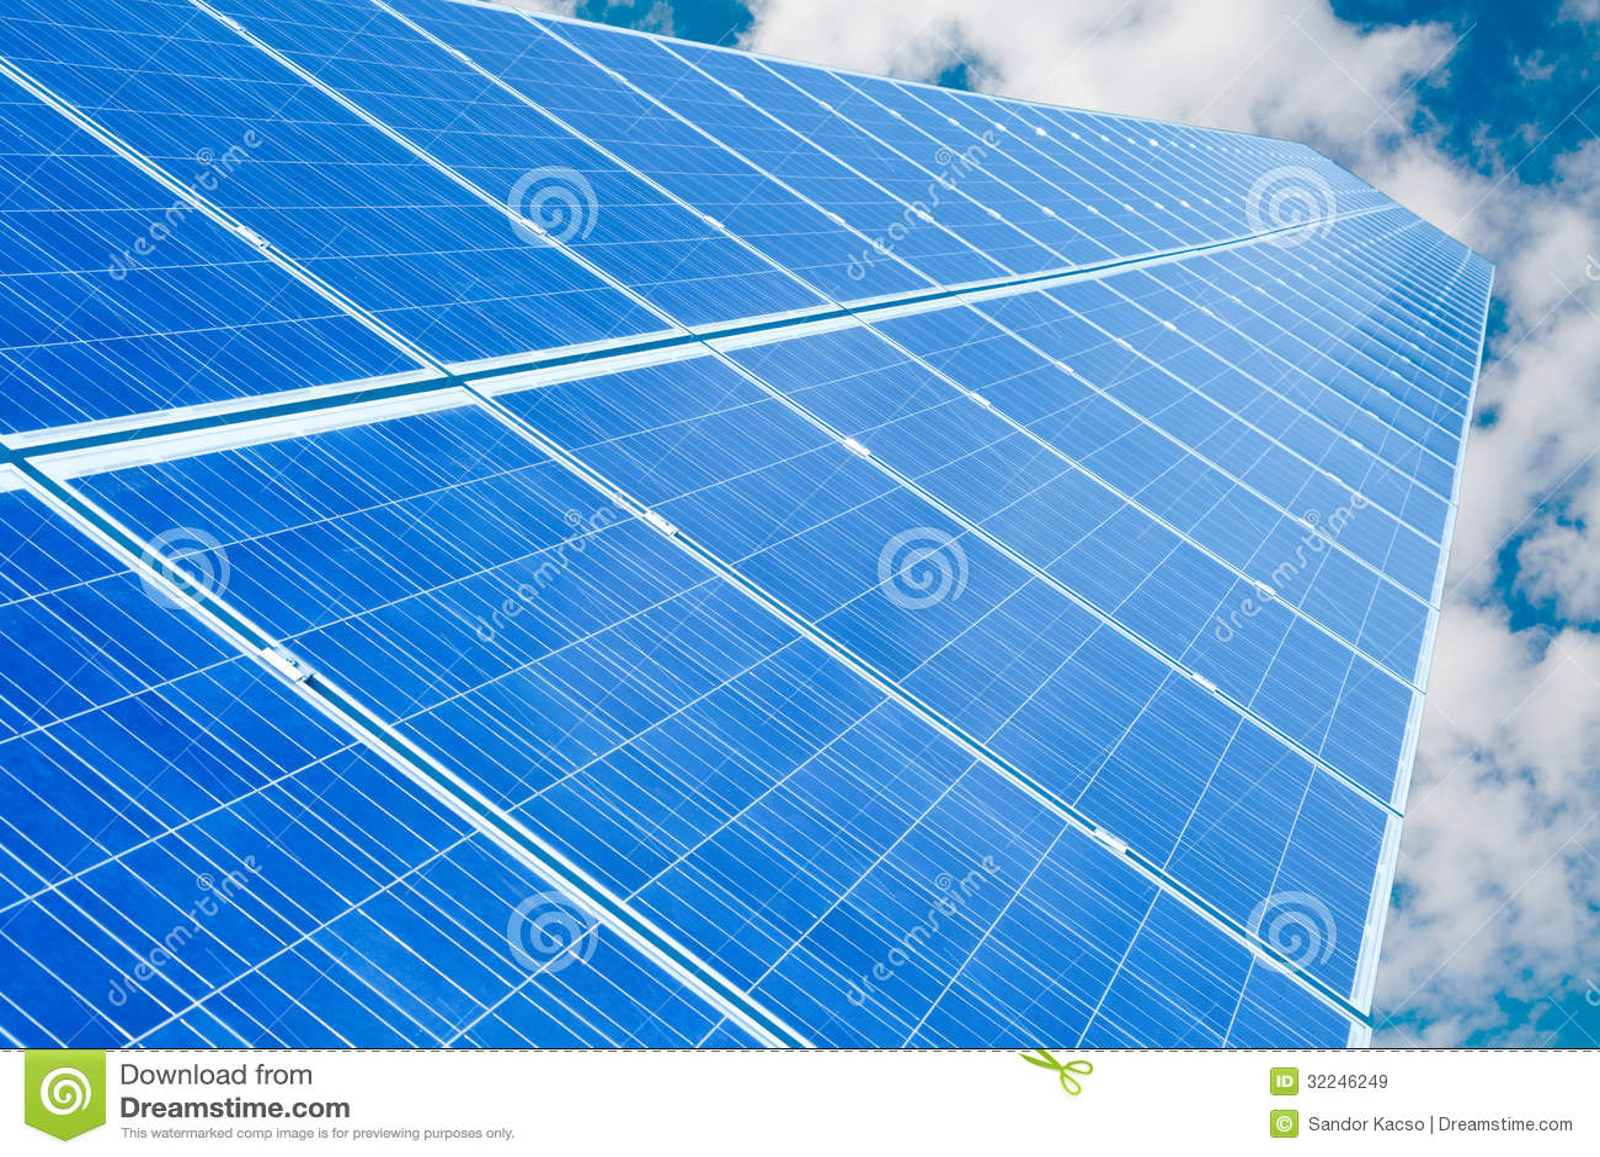 Renewable energy in Australia